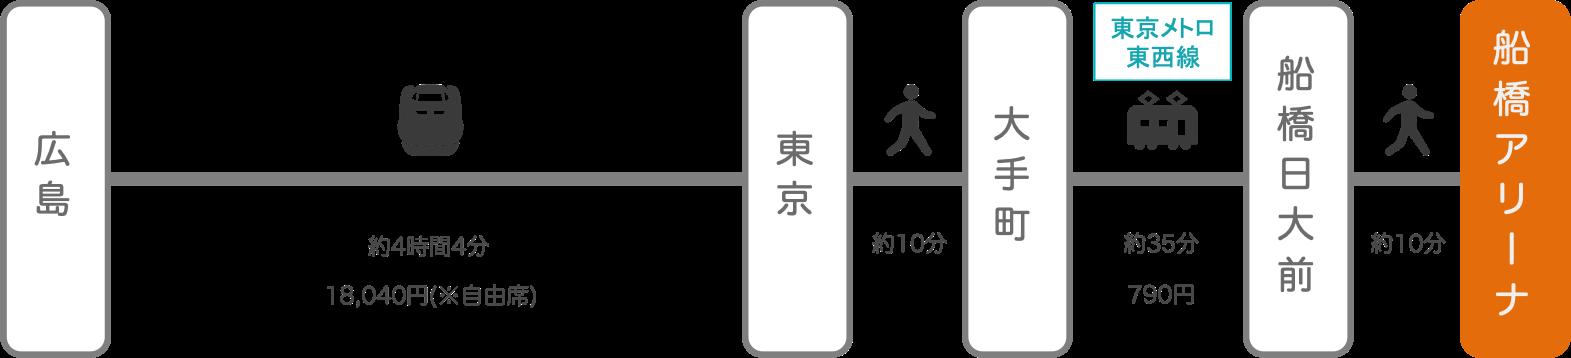 船橋アリーナ_広島_新幹線